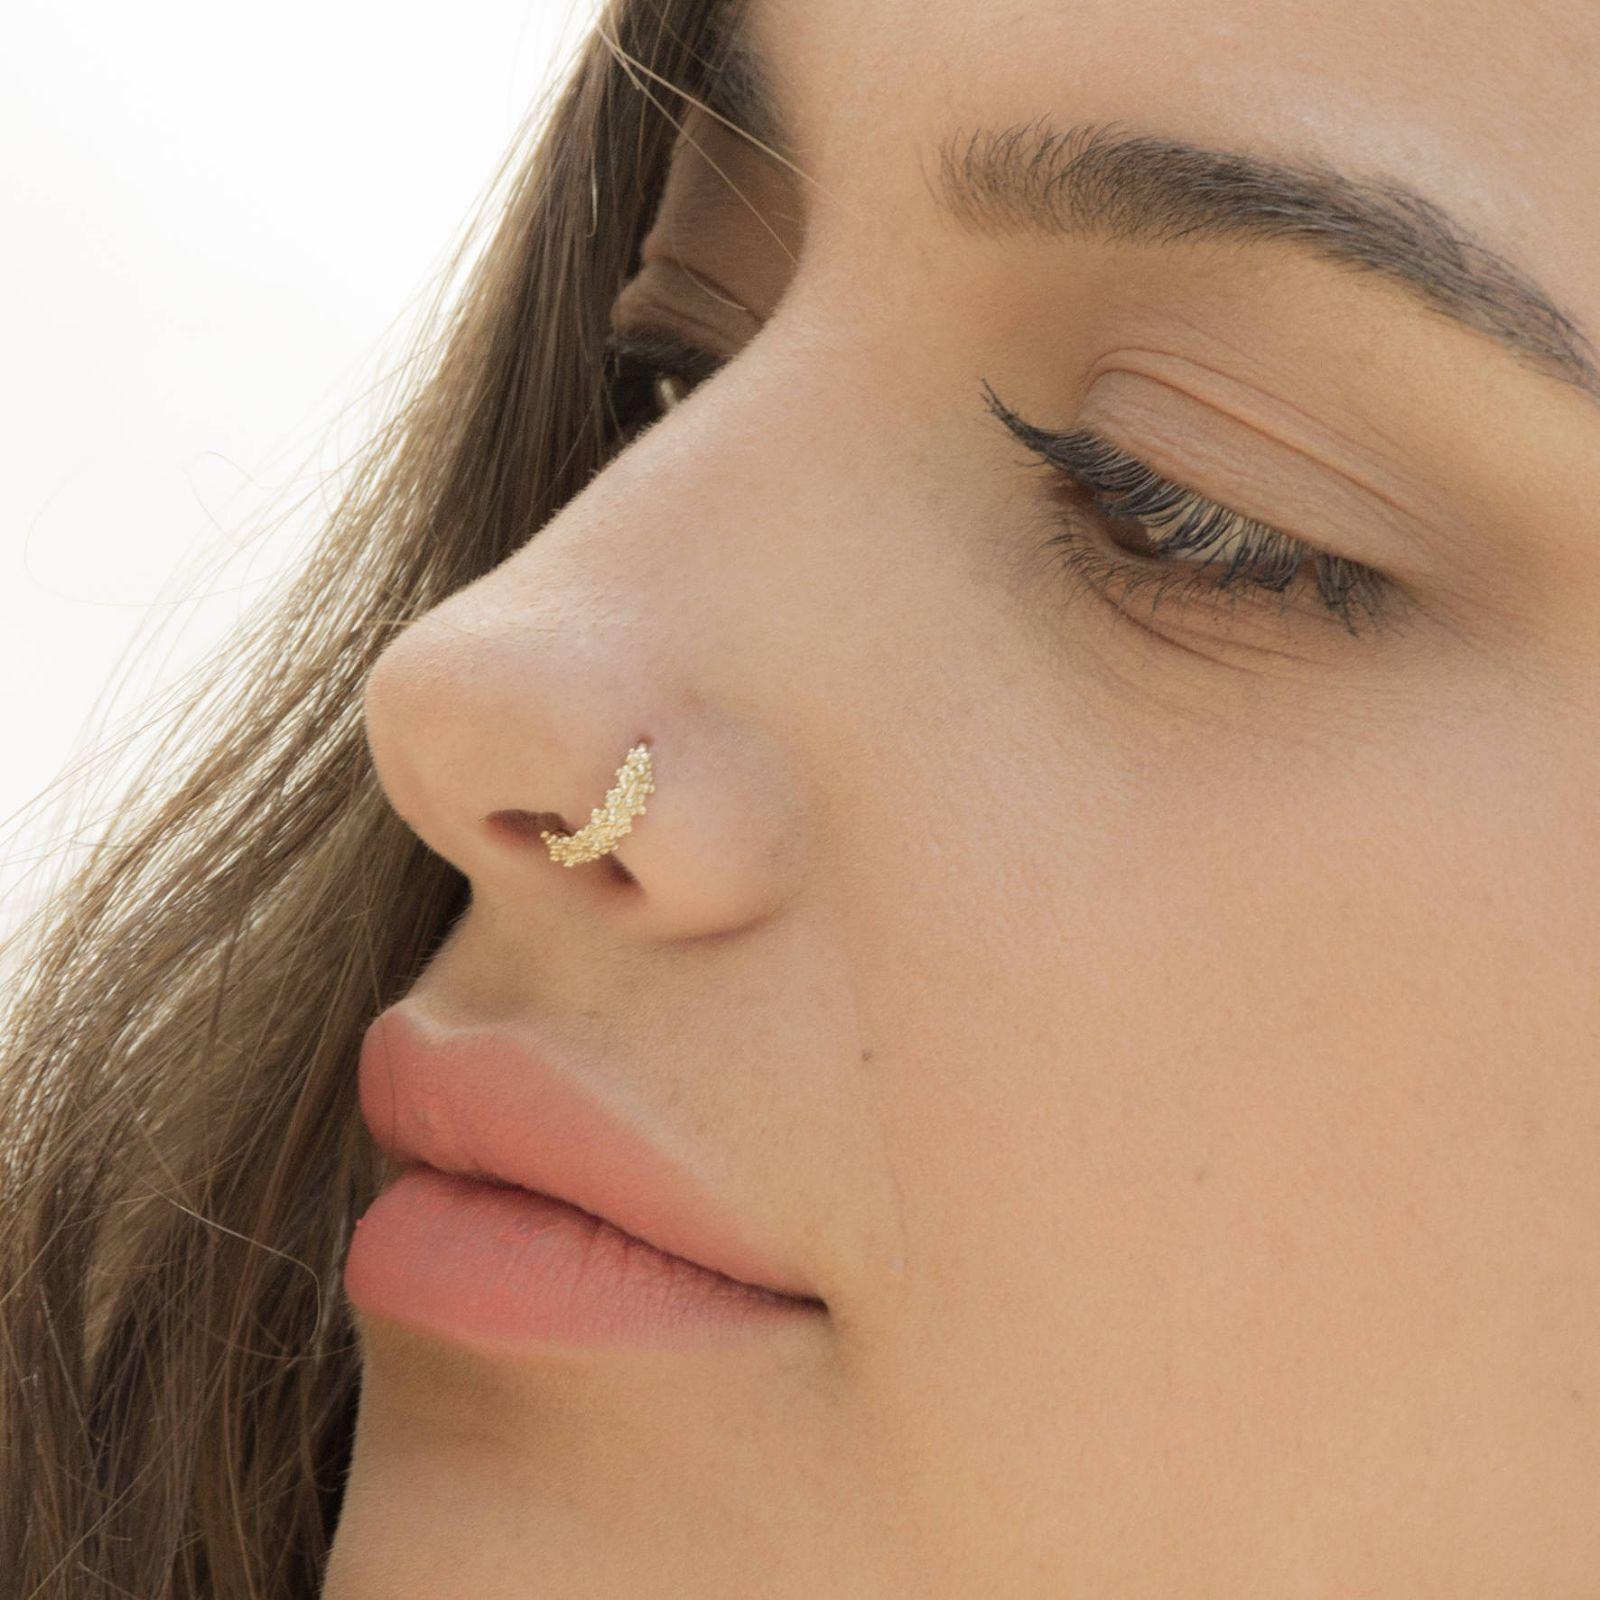 """Tổng hợp các loại khuyên mũi giúp bạn trở nên """"chất"""" hơn"""